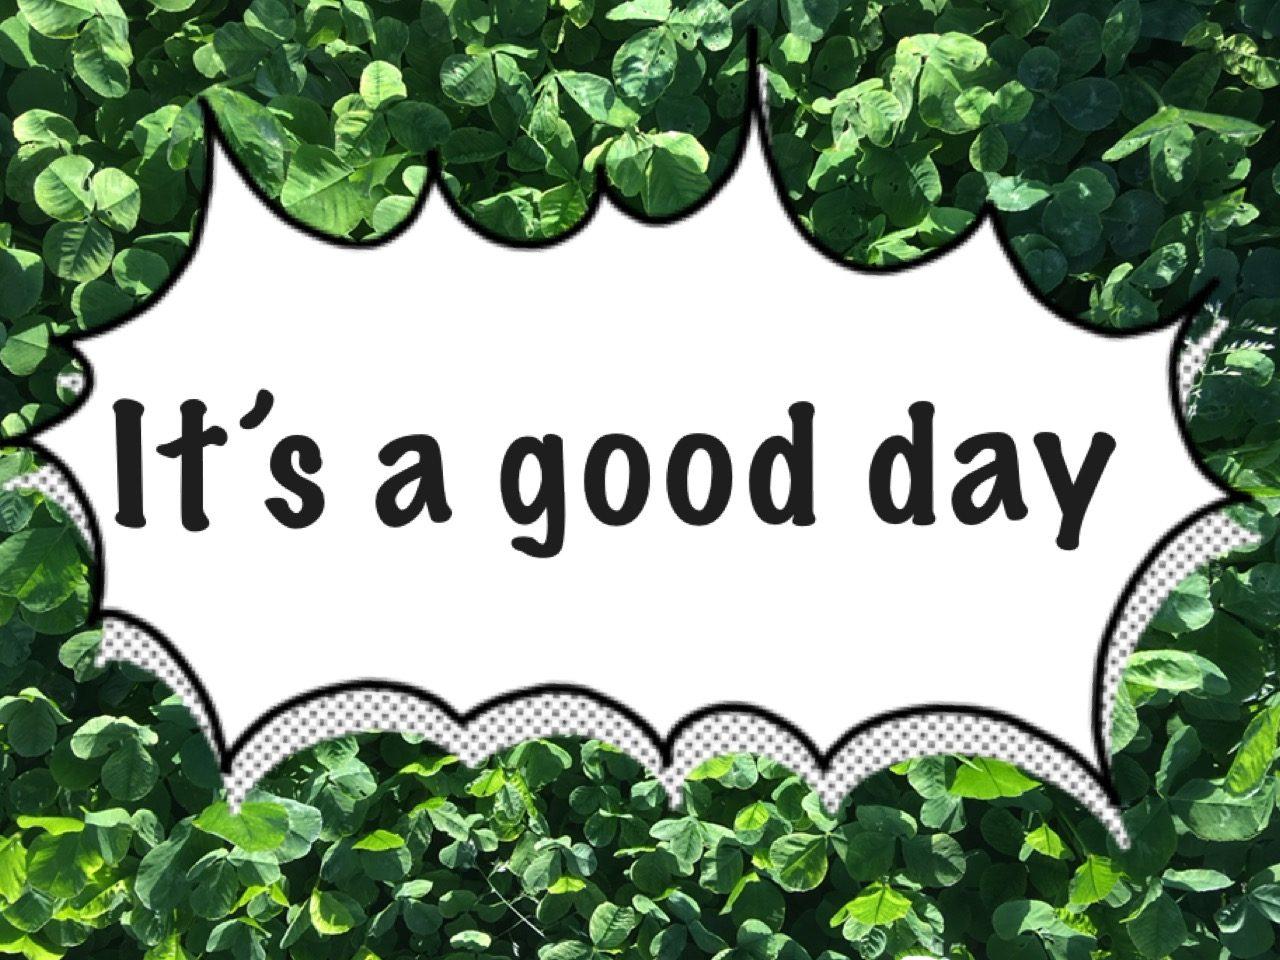 総社ゴスペル新年度スタート it s a good day 歌詞の意味と解釈